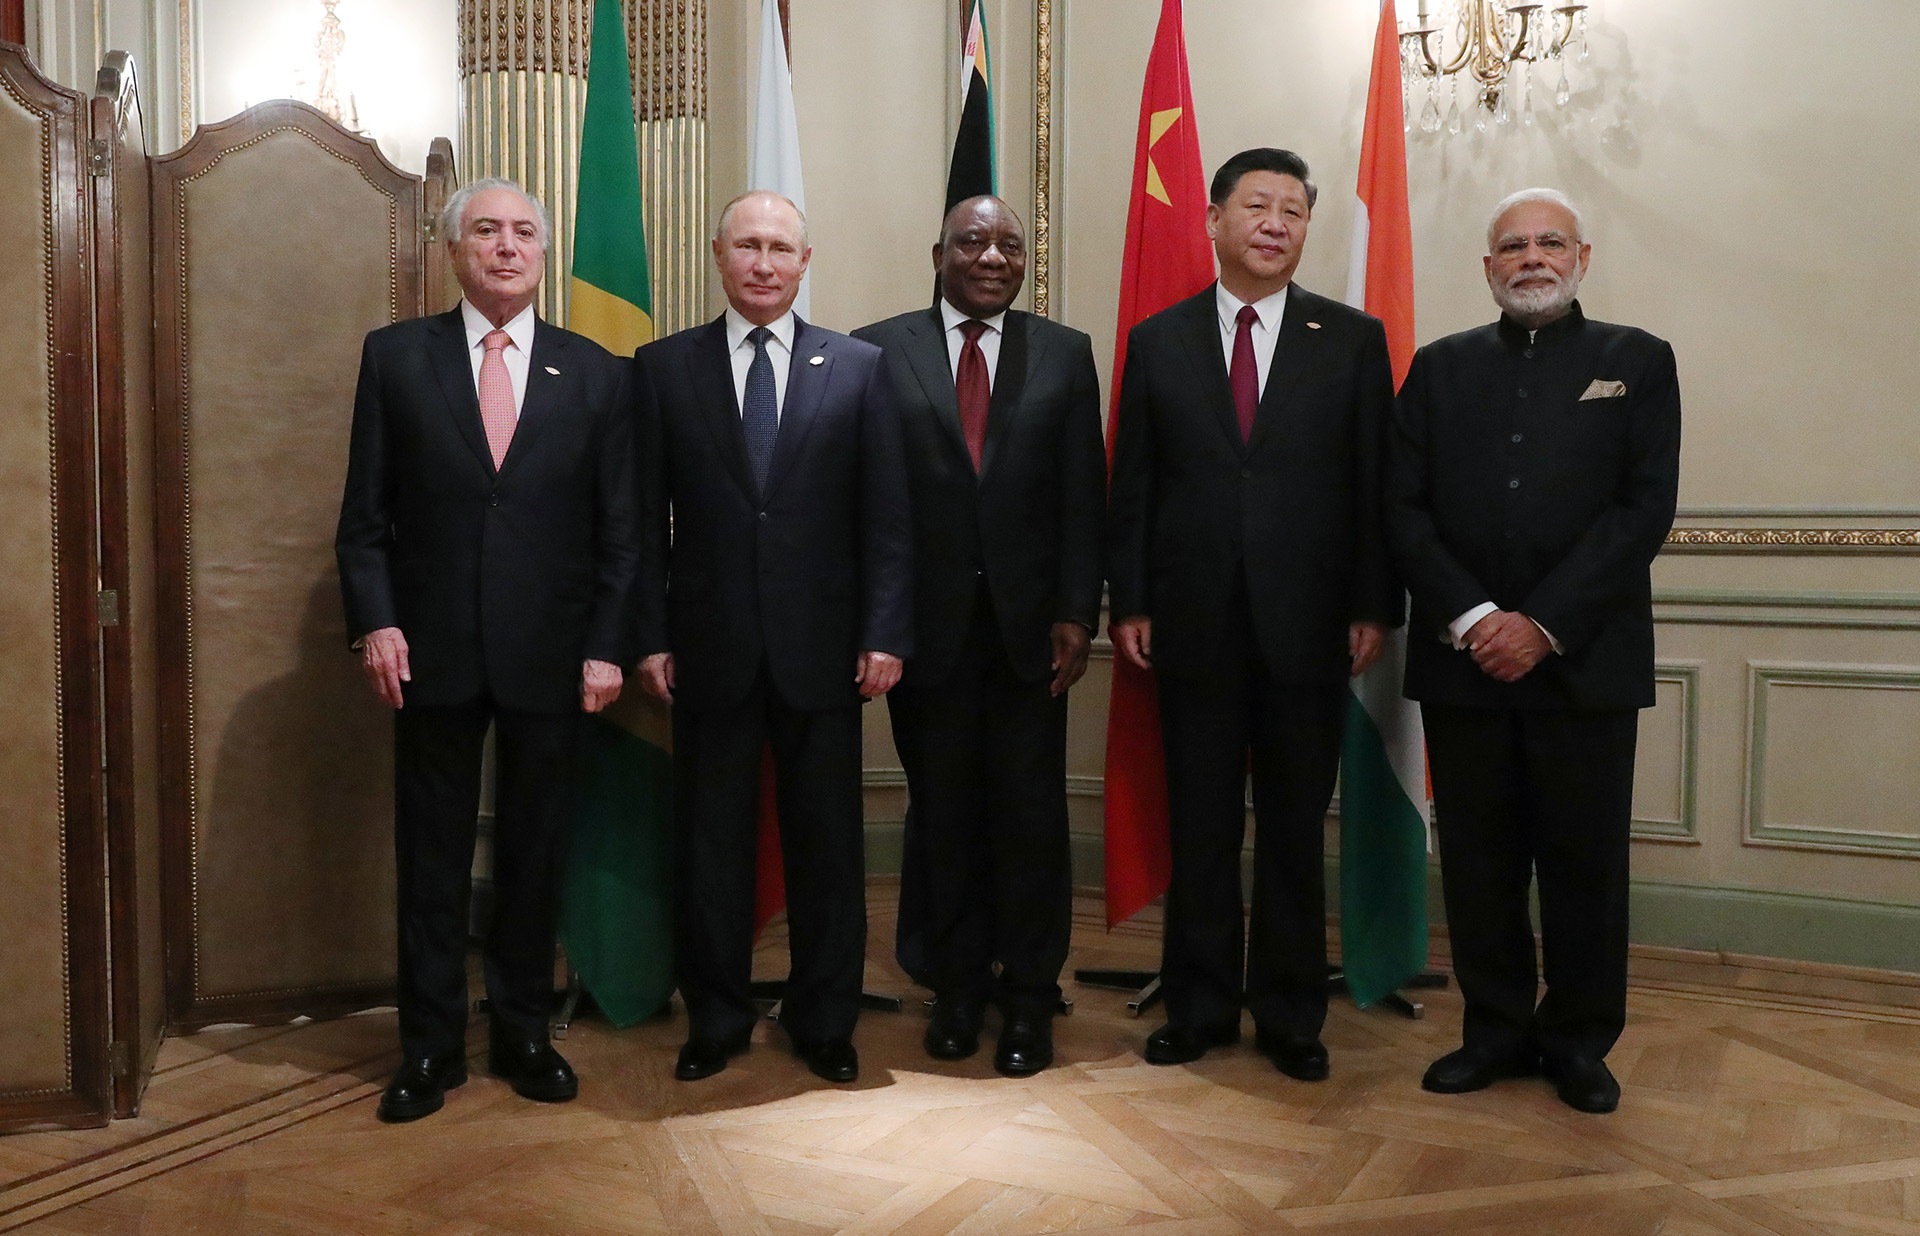 Los mandatarios de Brasil, Michel Temer, Rusia, Vladimir Putin, Sudáfrica, Cyril Ramaphosa, China, Xi Jinping e India Narendra Modi posan tras una reunión del bloque BRIC en el marco de la cumbre del G20